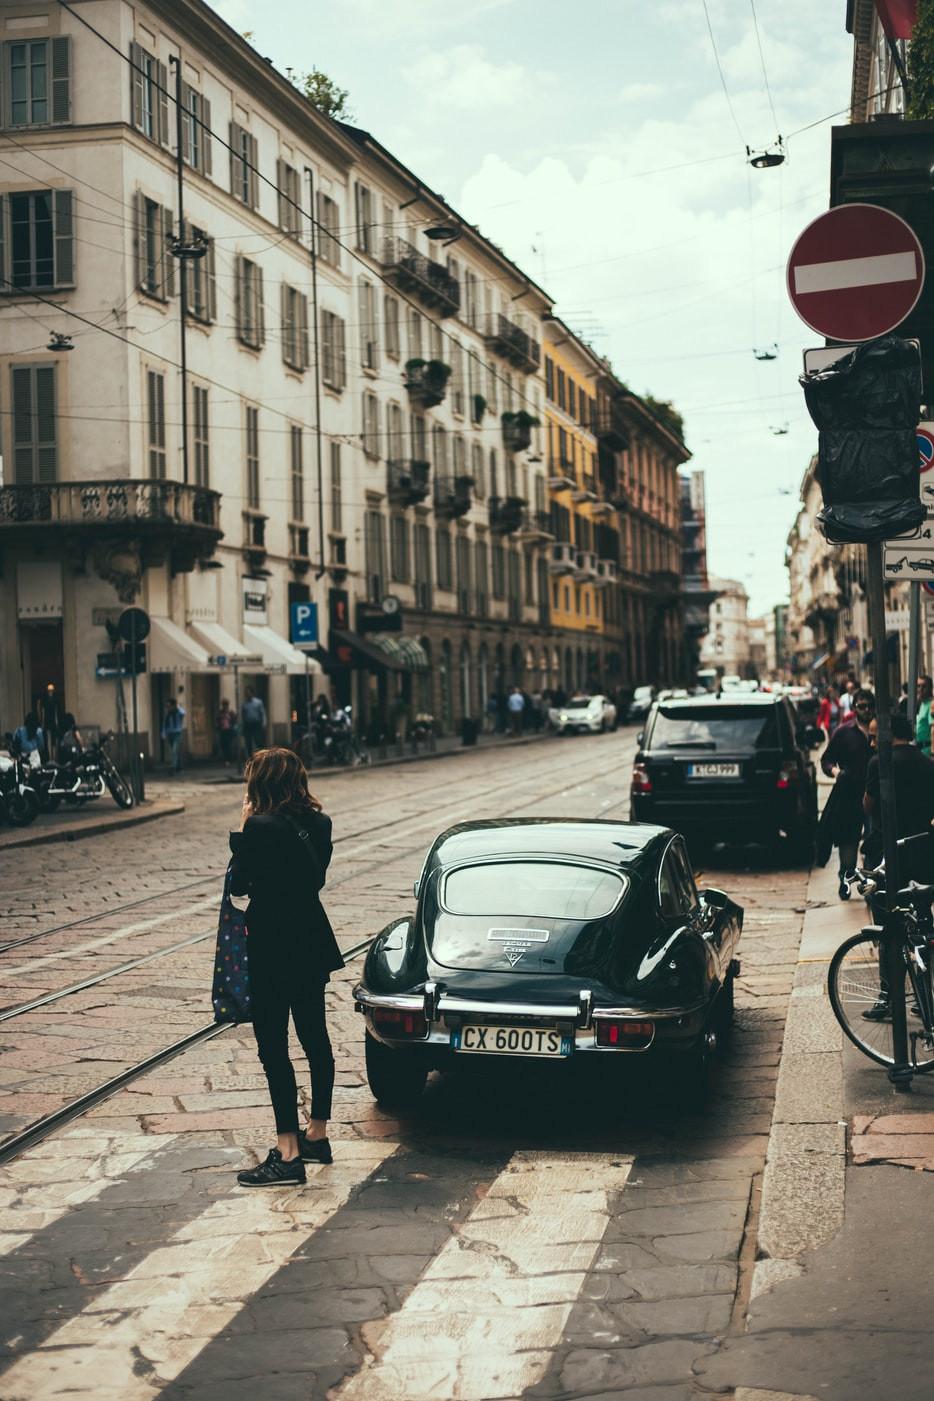 Milanesi skincare offre prodotti in grado di proteggere la pelle dall'inquinamento di Milano